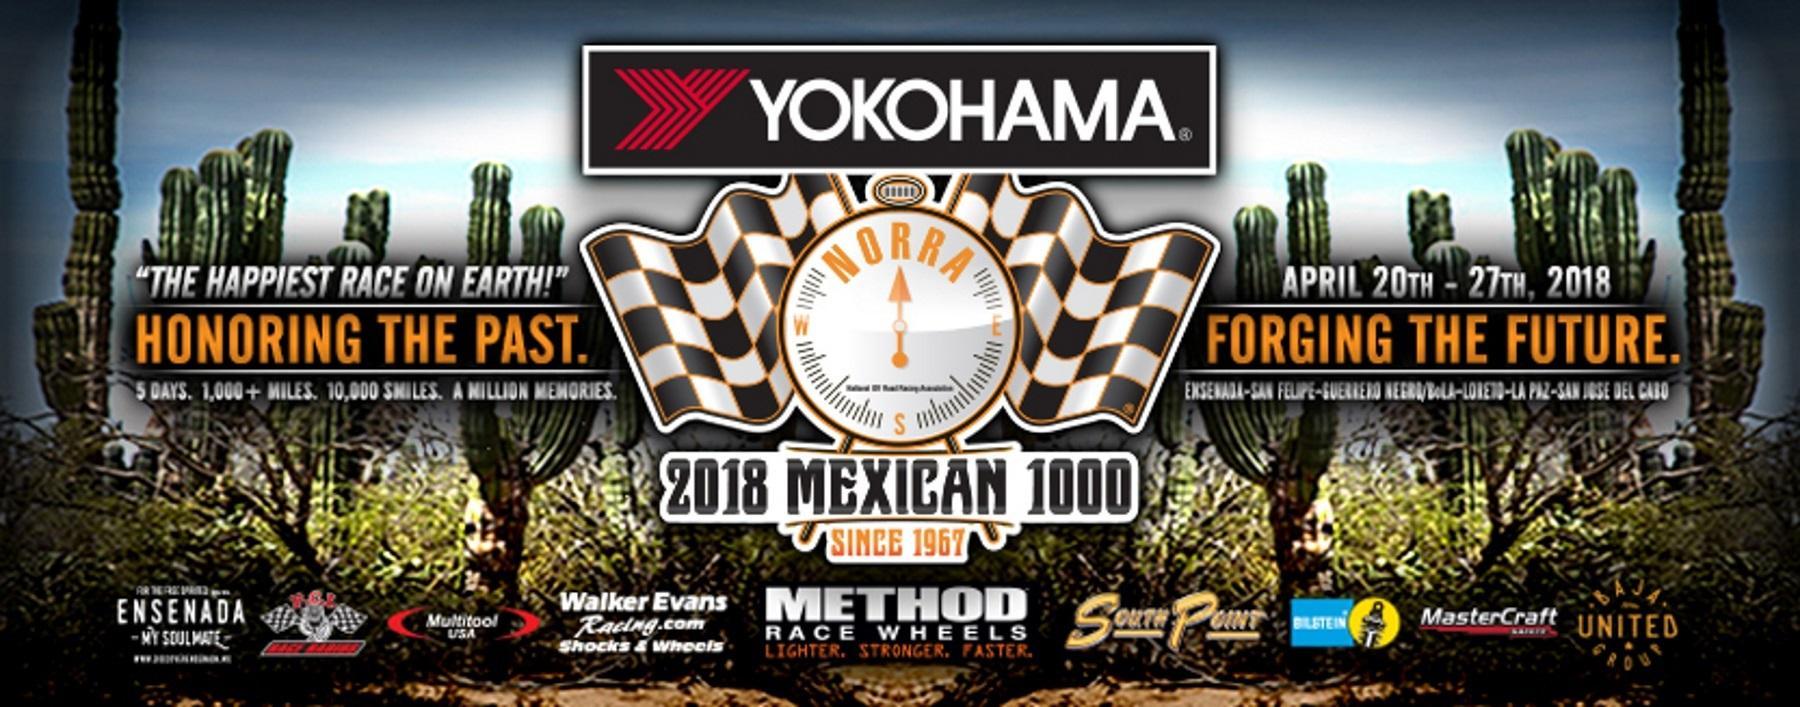 Yokohama использует гонку Mexican 1000 для продвижения новой шины Geolandar M/T G003